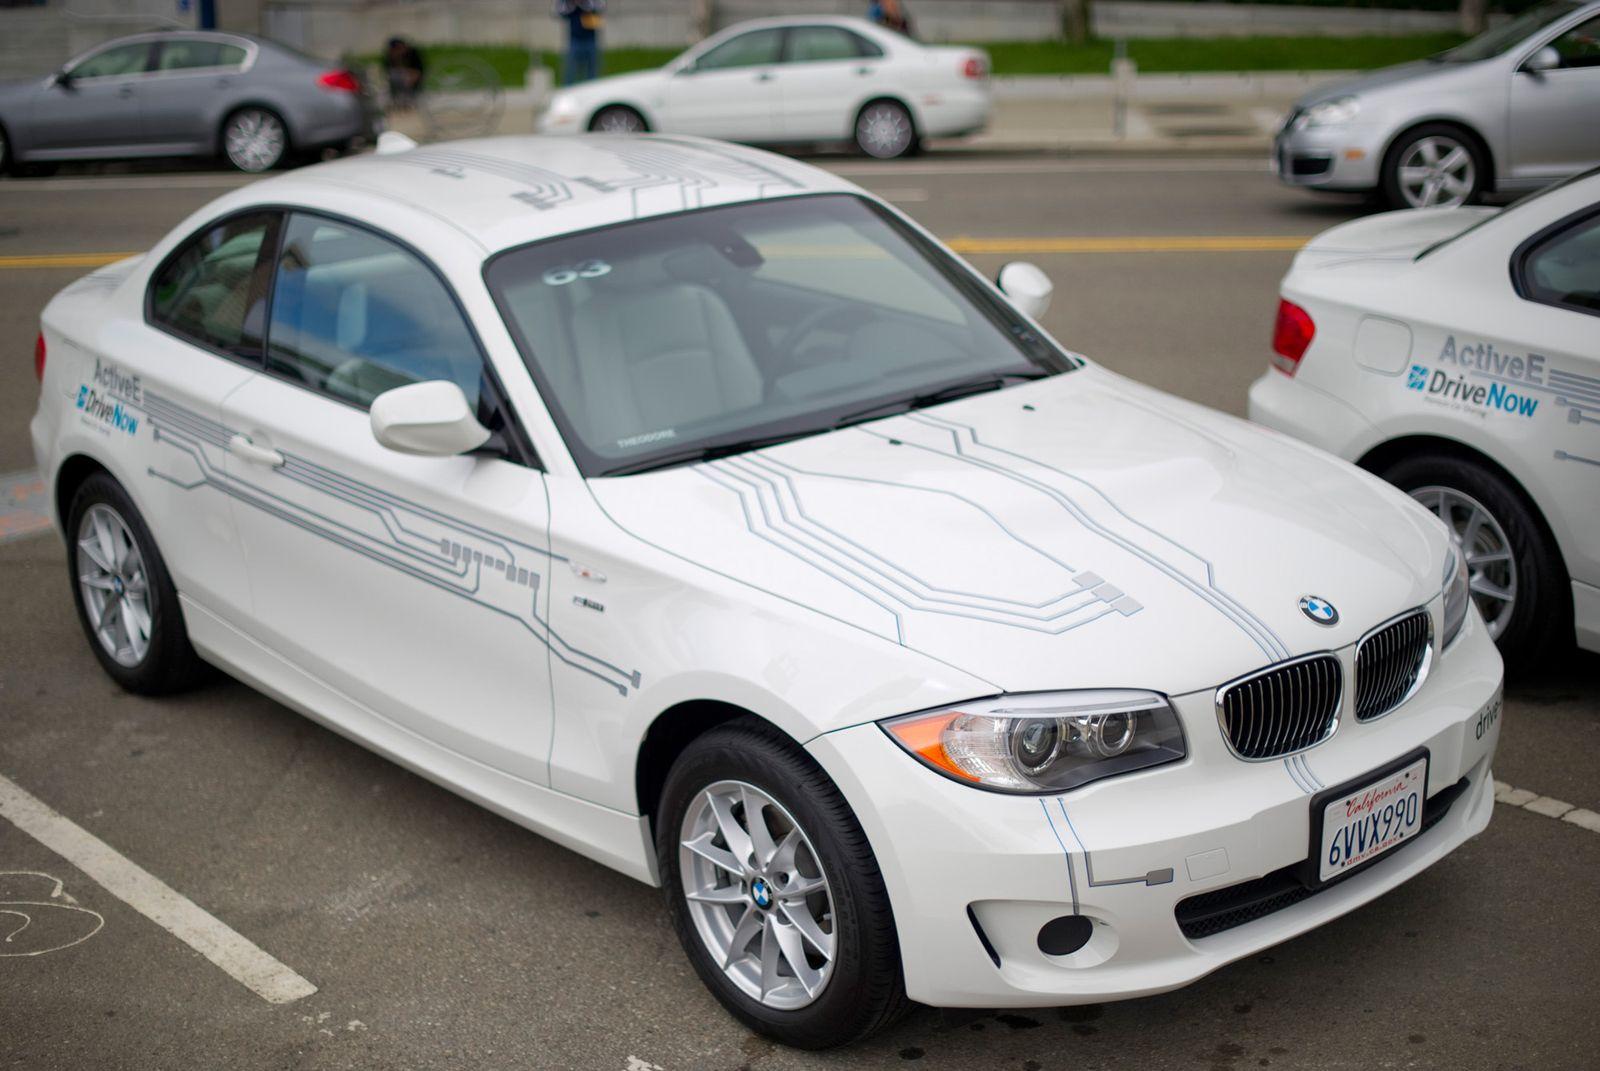 BMW / Drive now